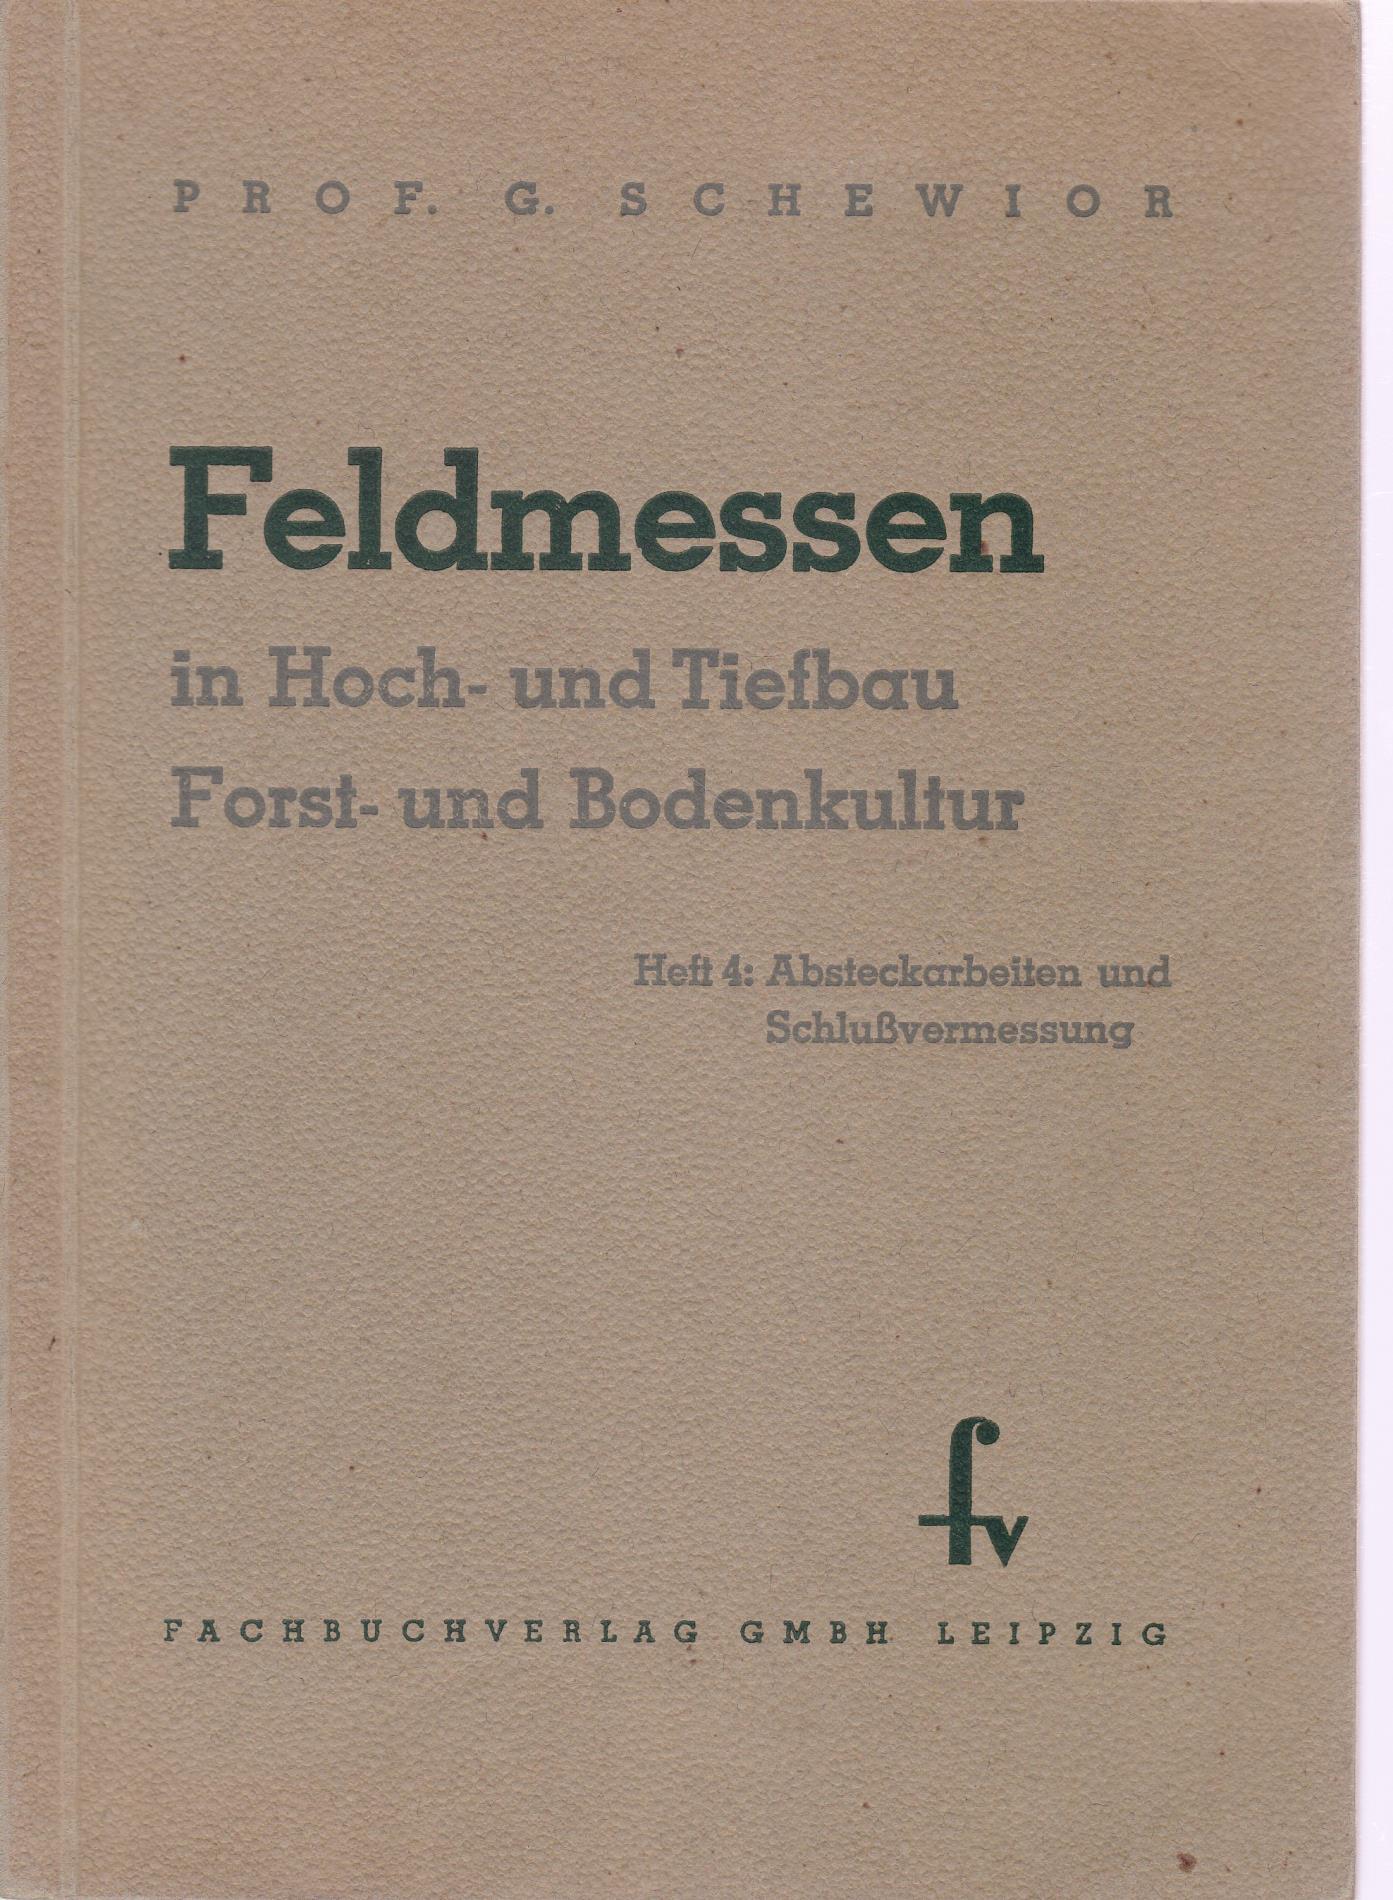 Feldmessen in Hoch- und Tiefbau Forst- und Bodenkultur. HIER: Heft 4. Absteckarbeiten und Schlußvermessung